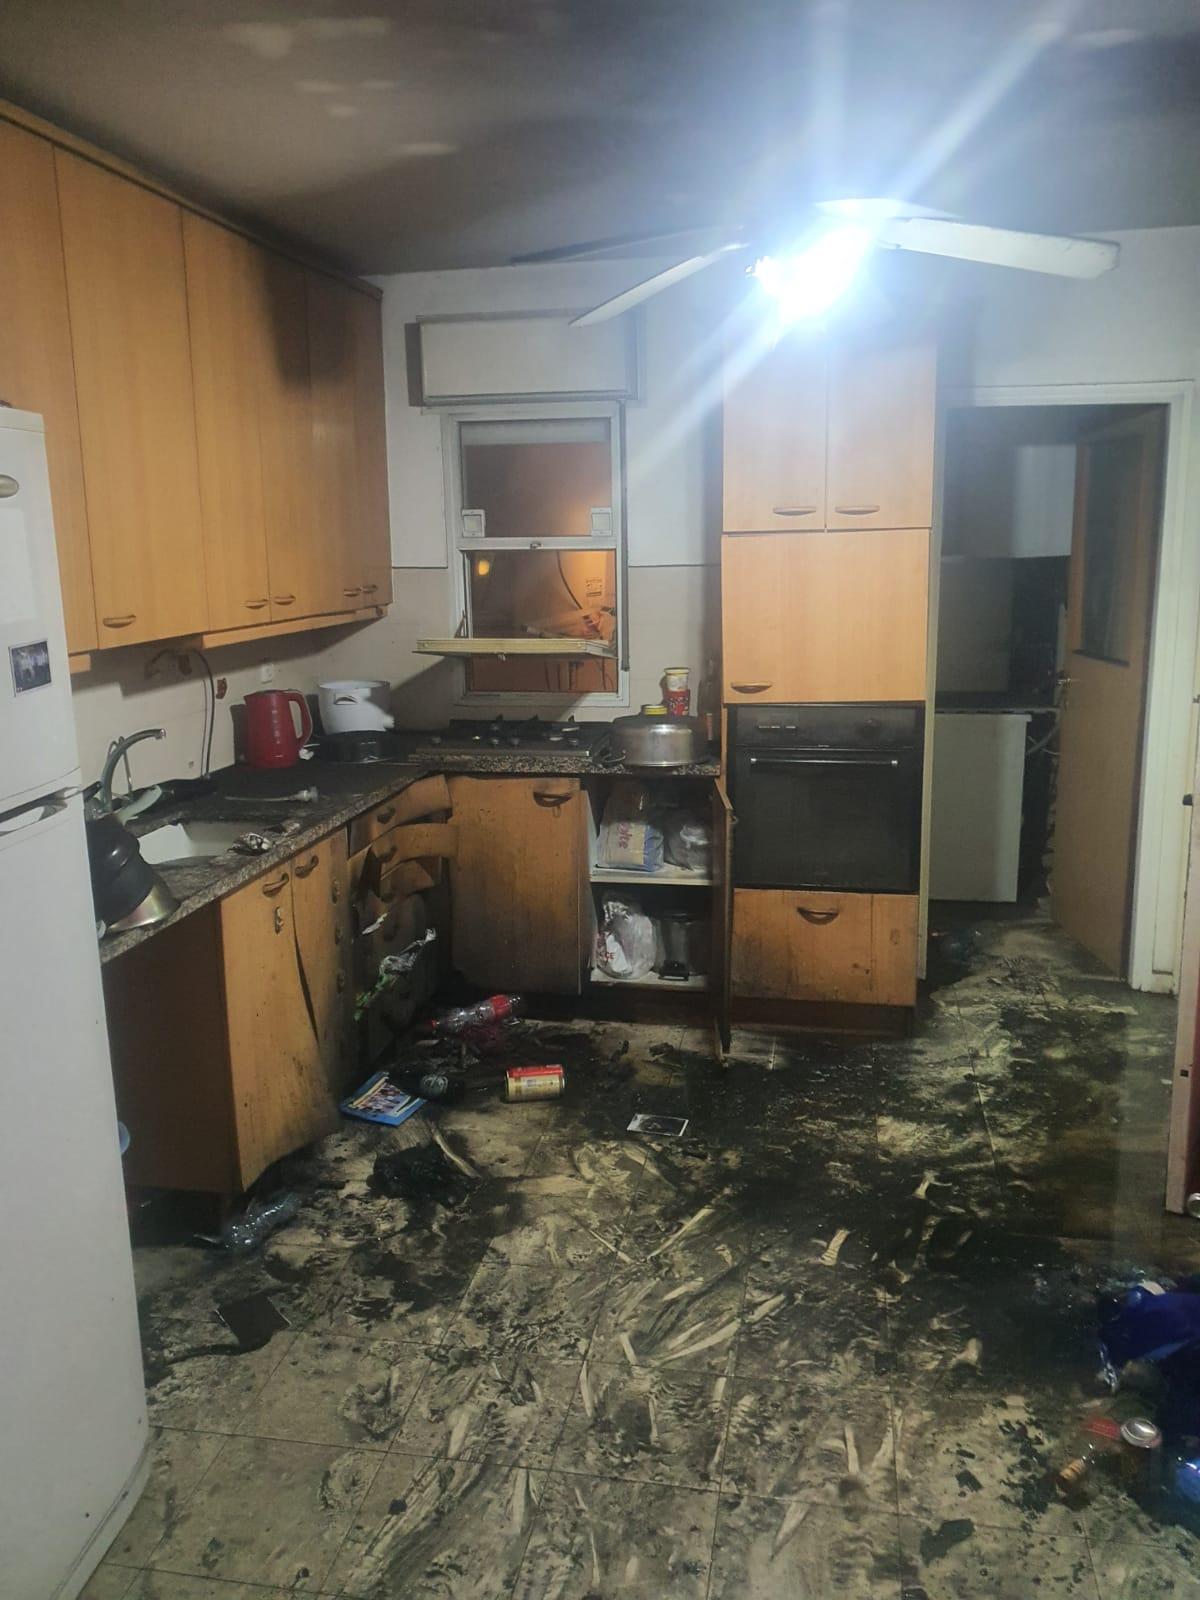 """המטבח השרוף. צילום: הקורקינט. צילום: דוברות כב""""ה בני ברק"""